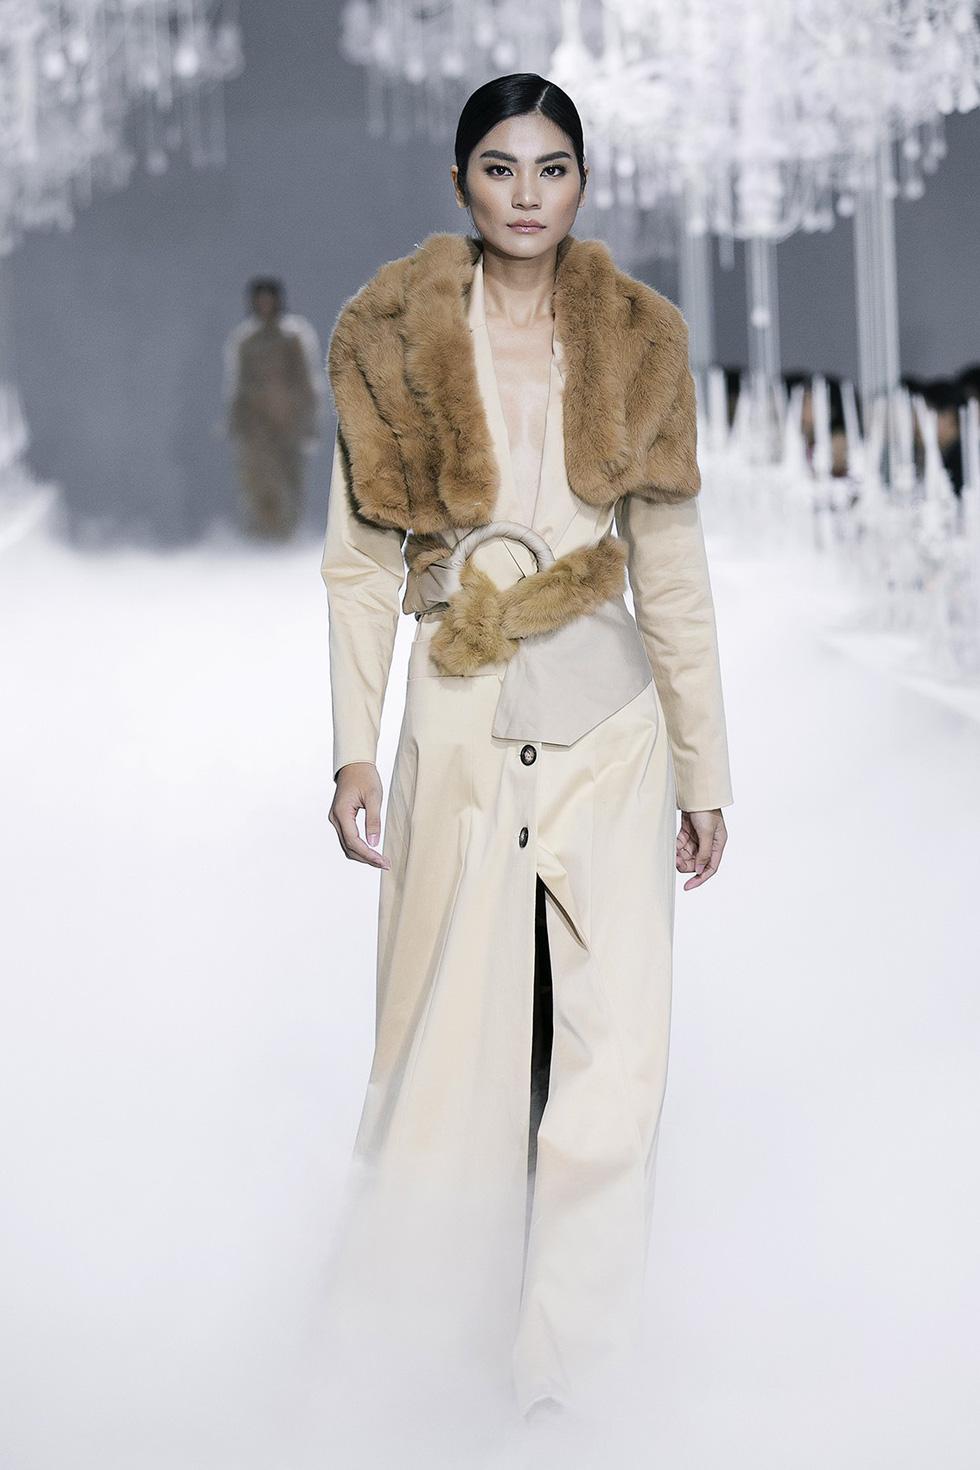 Lý Quí Khánh đánh dấu sự nghiệp 10 năm với Vẻ đẹp của sự tự do - Ảnh 7.